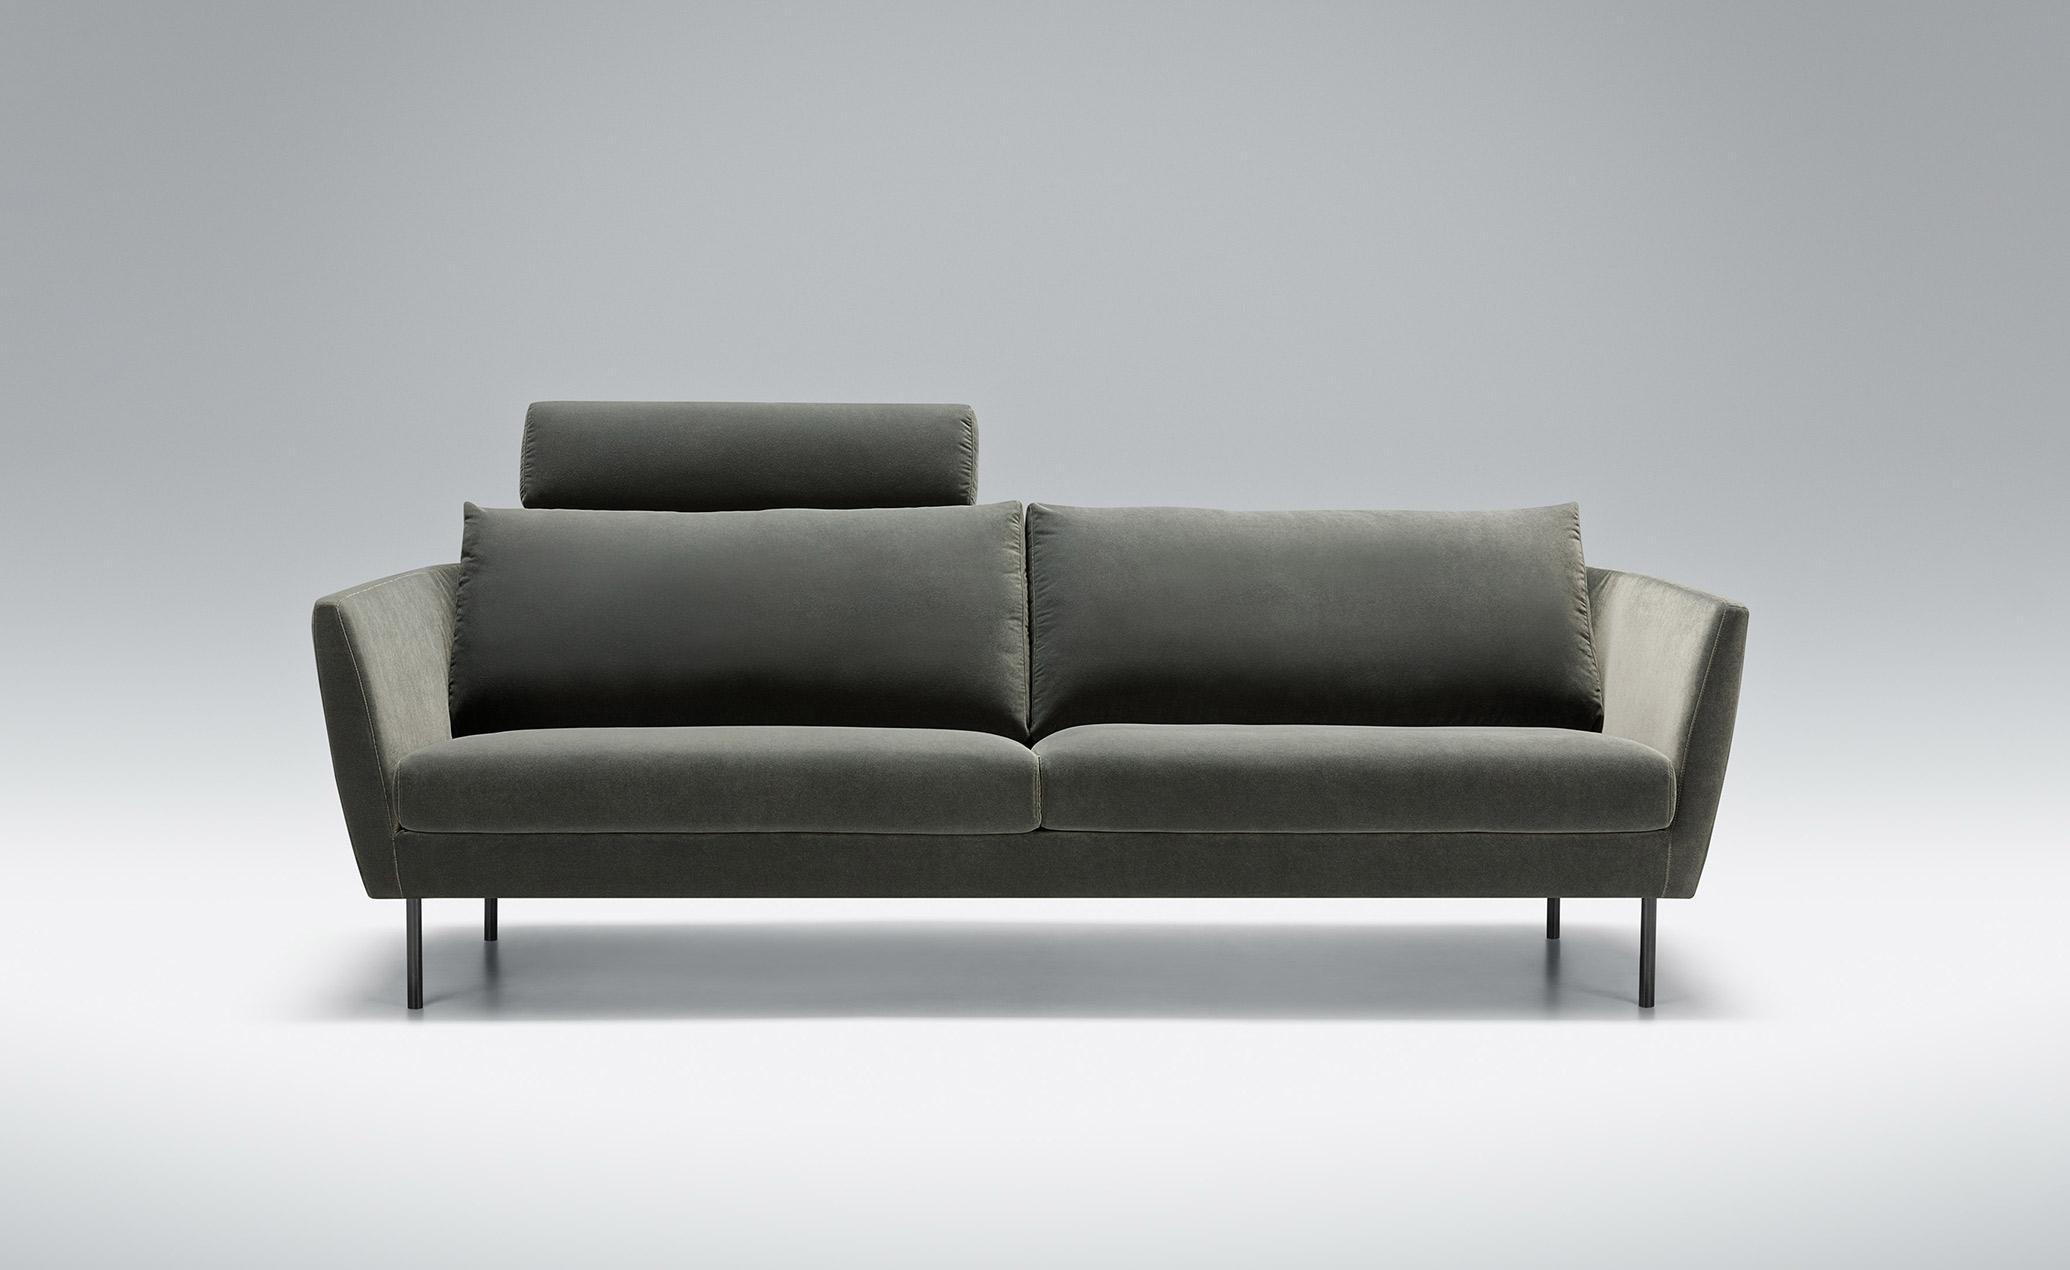 Ambrose 3 seater sofa